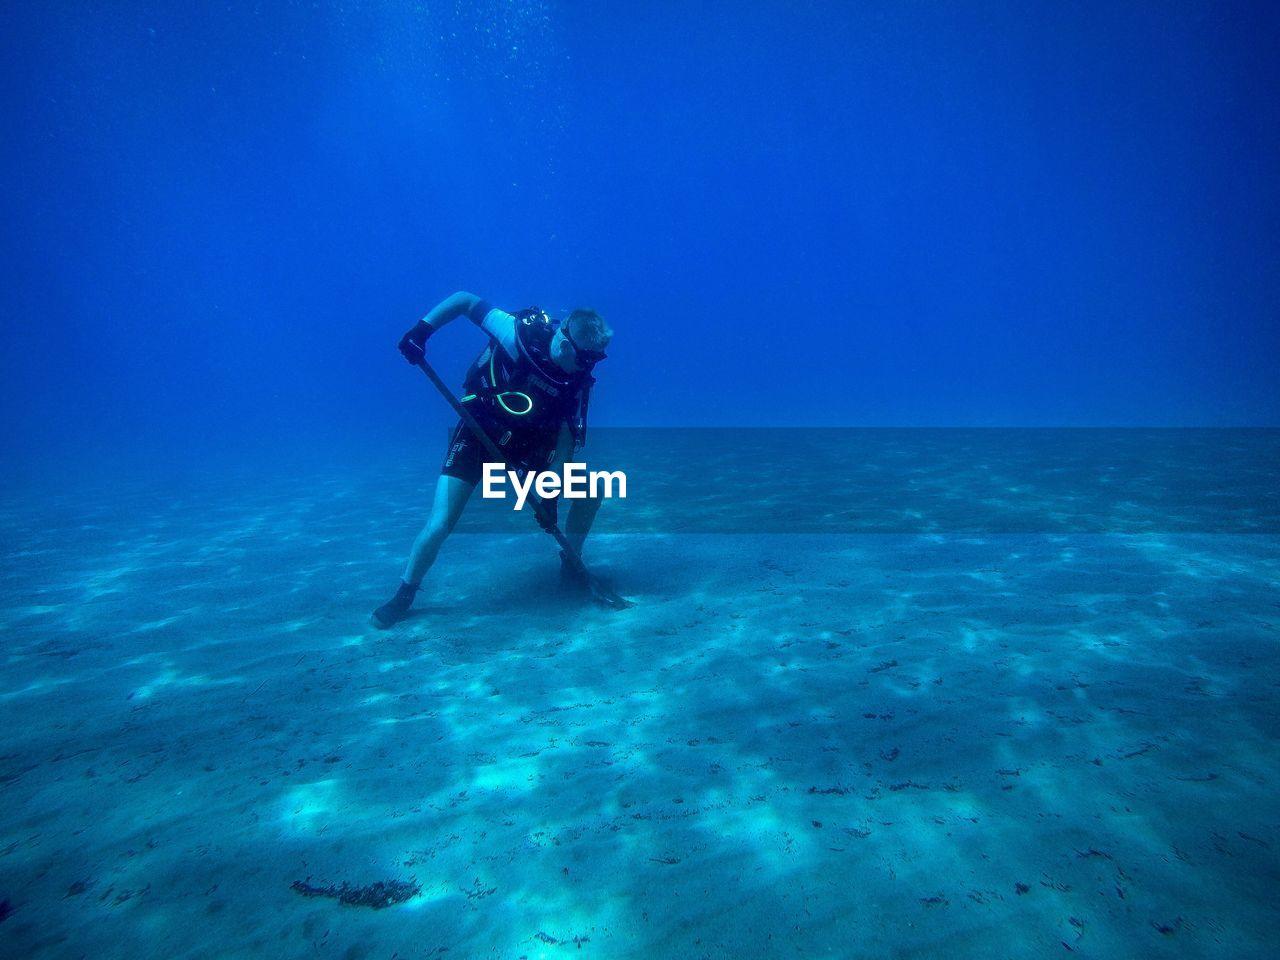 Scuba diver digging ocean floor